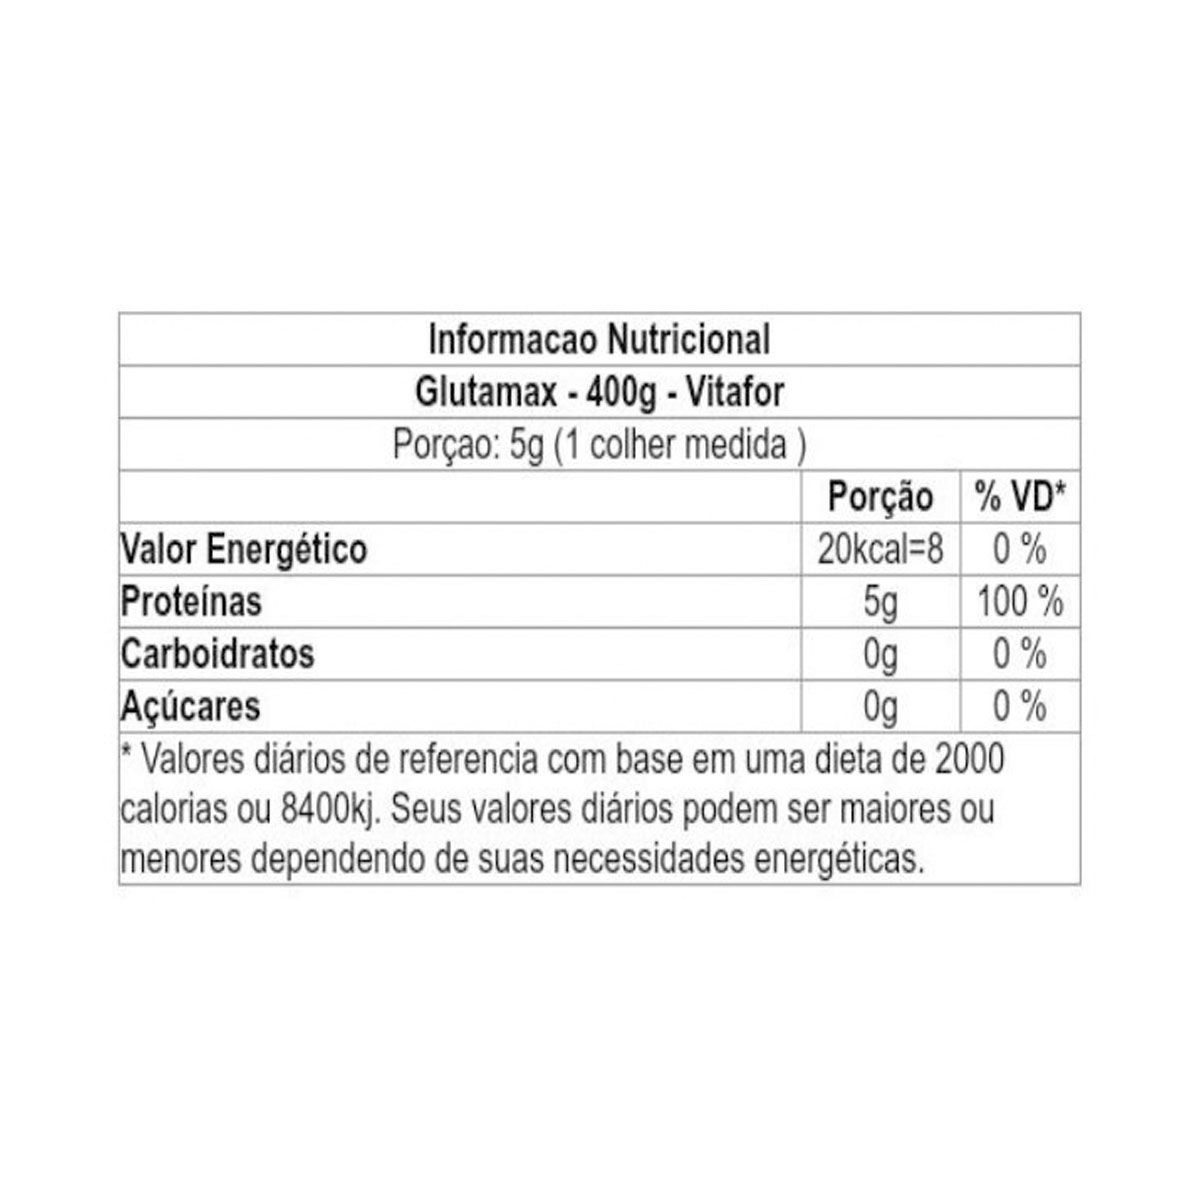 Glutamax 400g - Vitafor